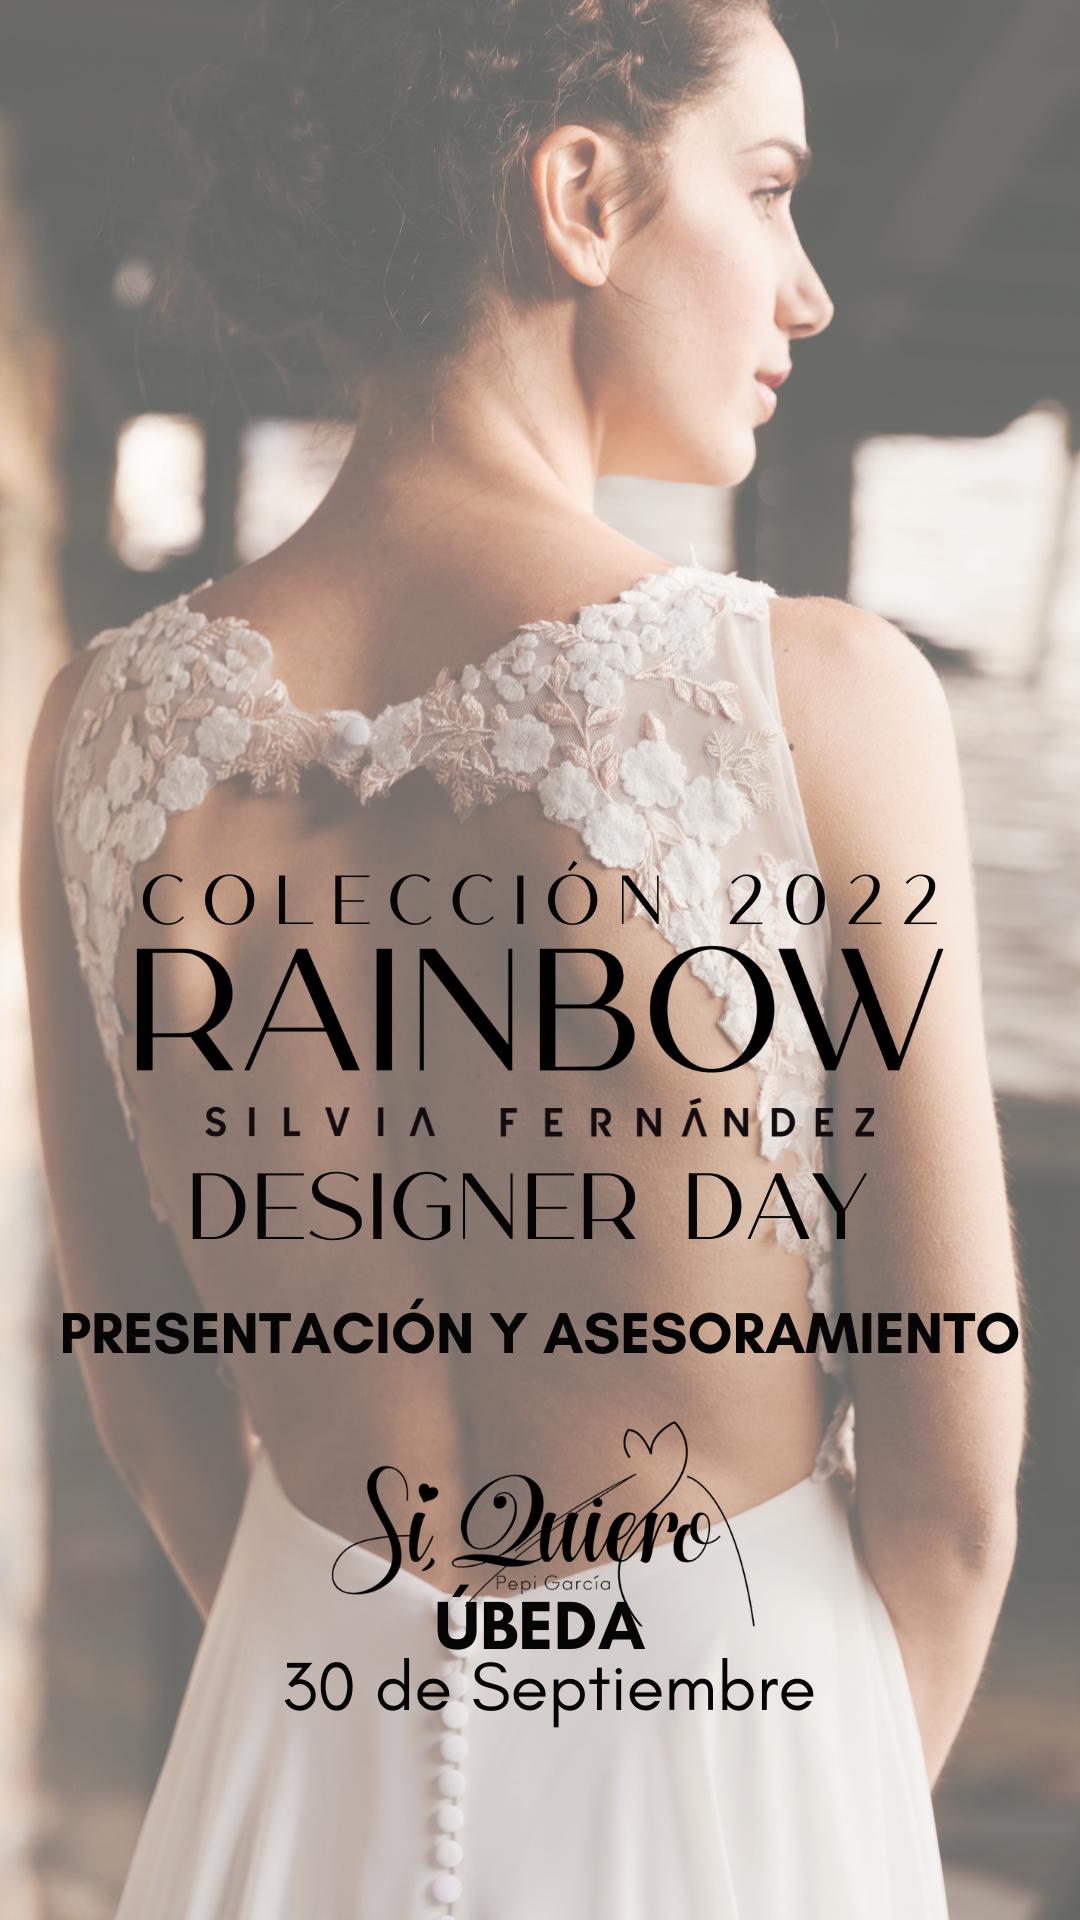 Evento Rainbow Si quiero - Silvia Fernandez